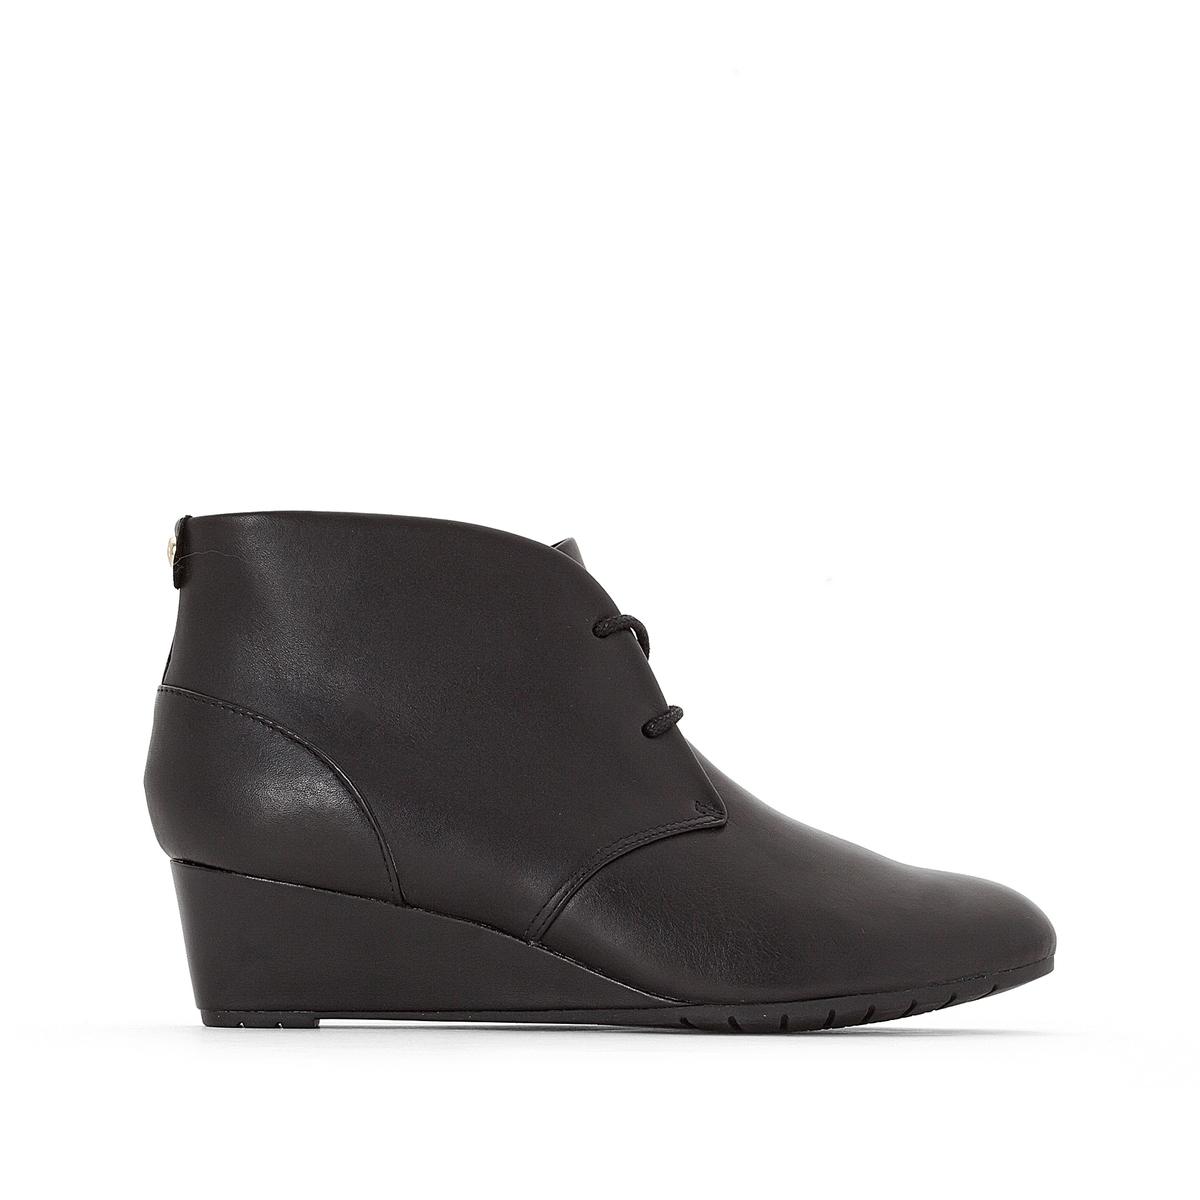 Ботинки кожаные  Vendra PeakВерх : Кожа.   Подкладка : синтетика   Стелька : Кожа.   Подошва : Каучук   Высота каблука : 4 см   Форма каблука : танкетка   Мысок : закругленный   Застежка : Шнуровка<br><br>Цвет: серо-коричневый,черный